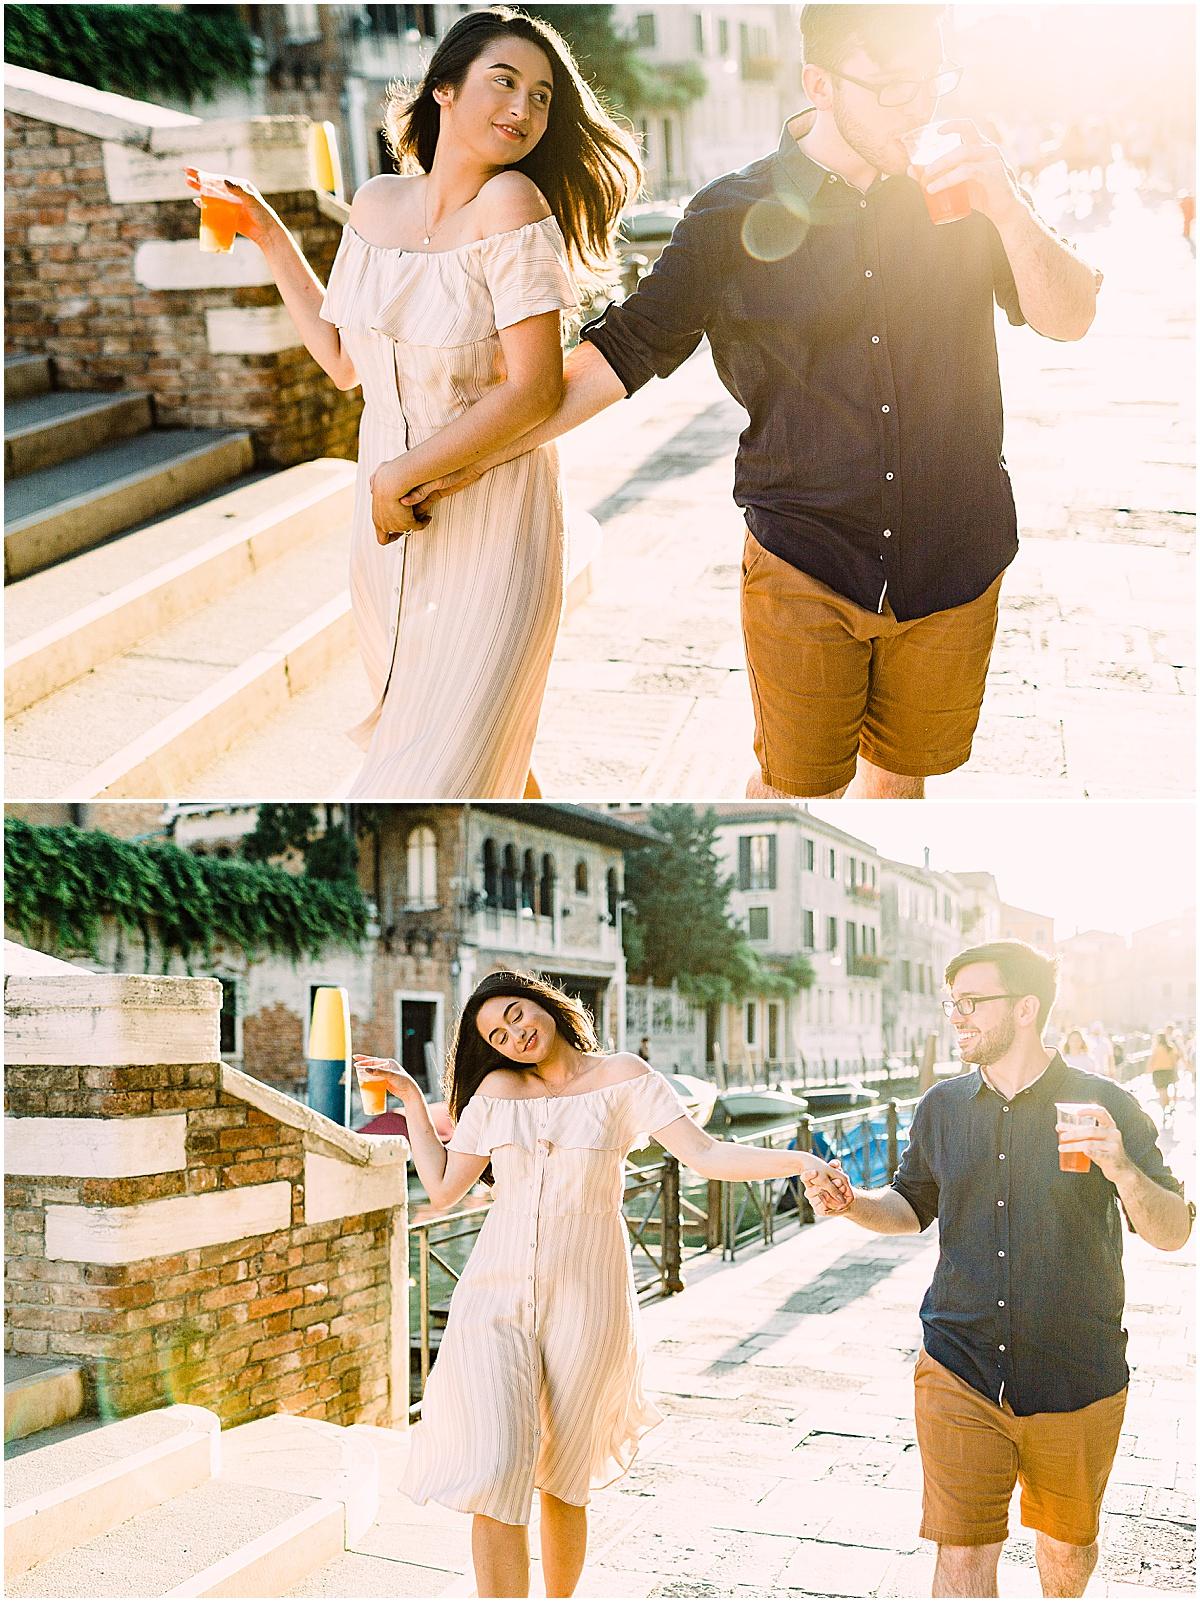 lifestyle-photographer-couple-in-venice-gondola-sunset-stefano-degirmenci_0289.jpg